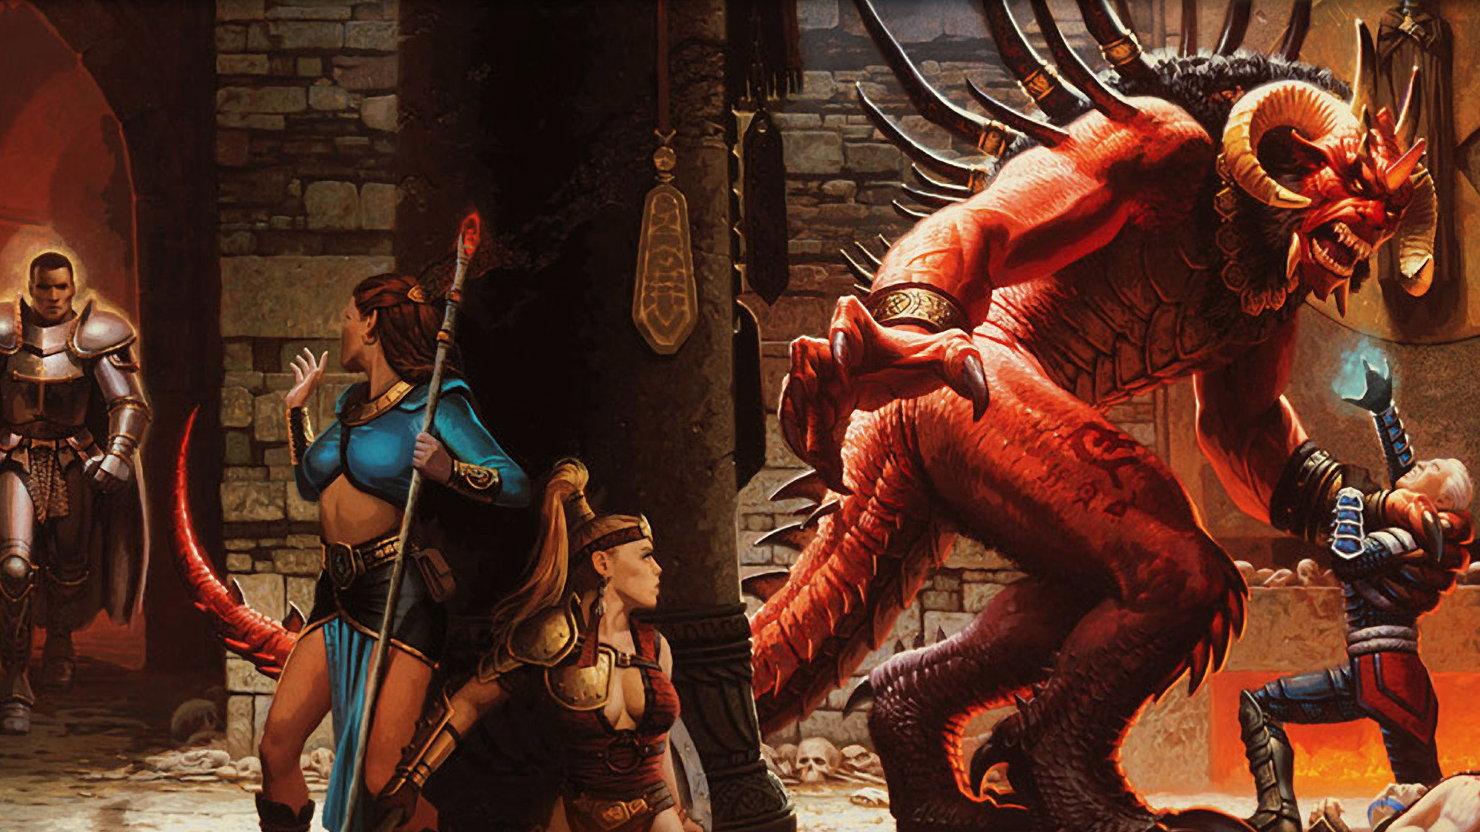 Слух: на BlizzCon 2019 анонсируют ремастер Diablo II, Diablo 4 и Overwatch 2 с синглом